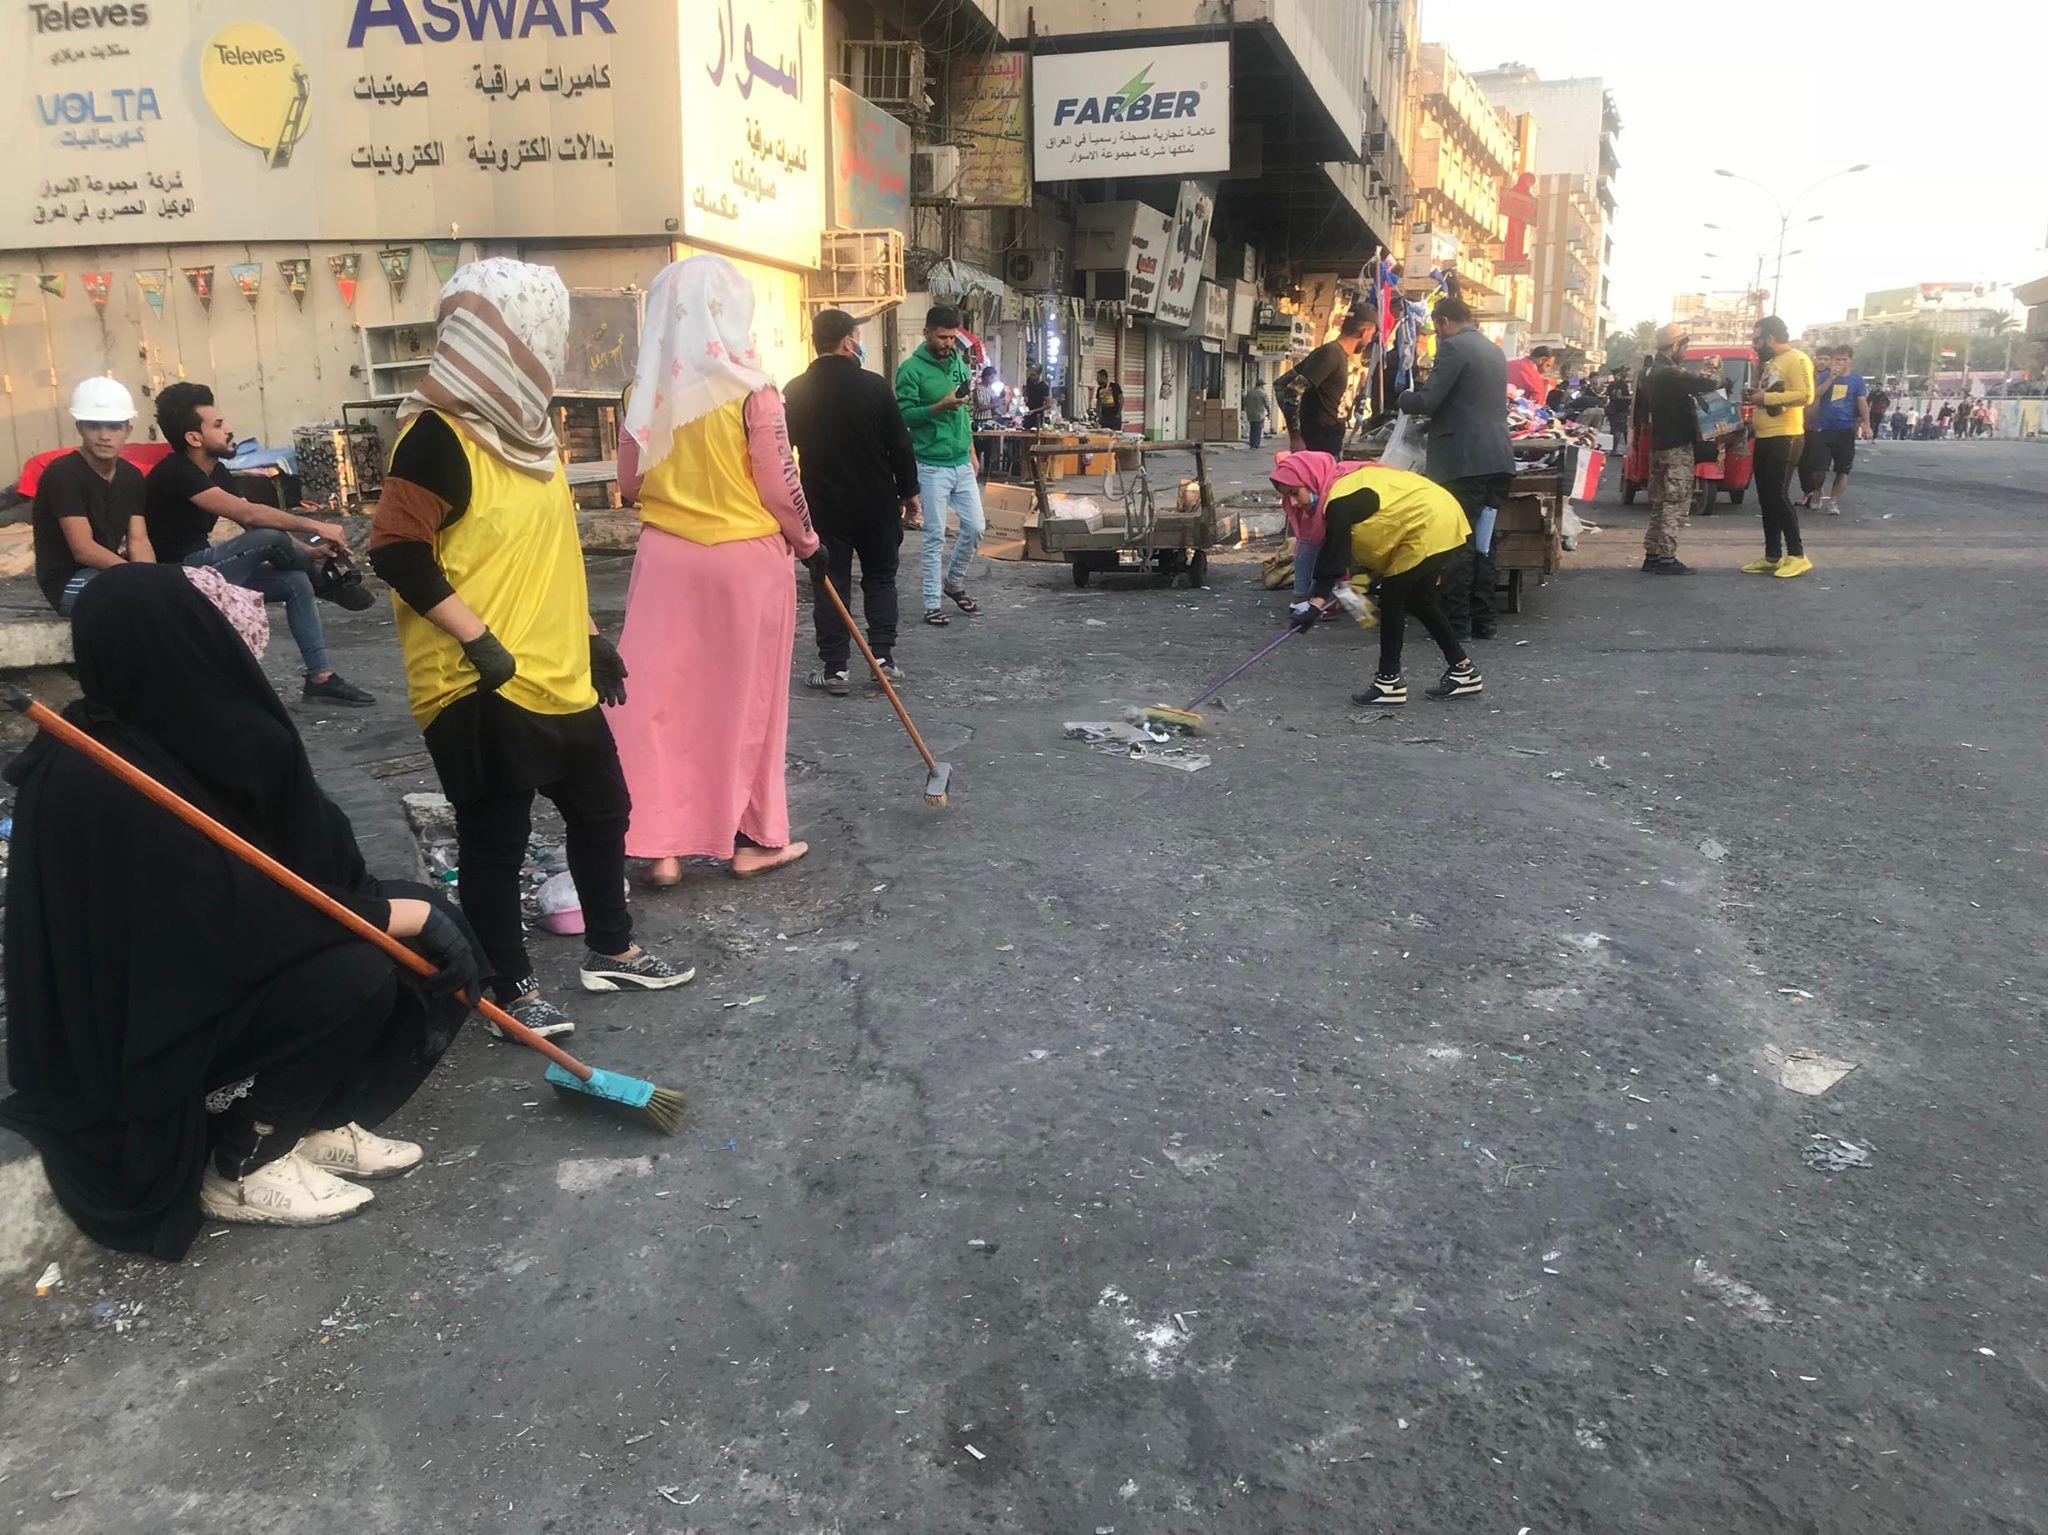 المتظاهرون ينظمون صفوفهم في بغداد.. حواجز تفتيش وحملات تنظيف مستمرة (صور)